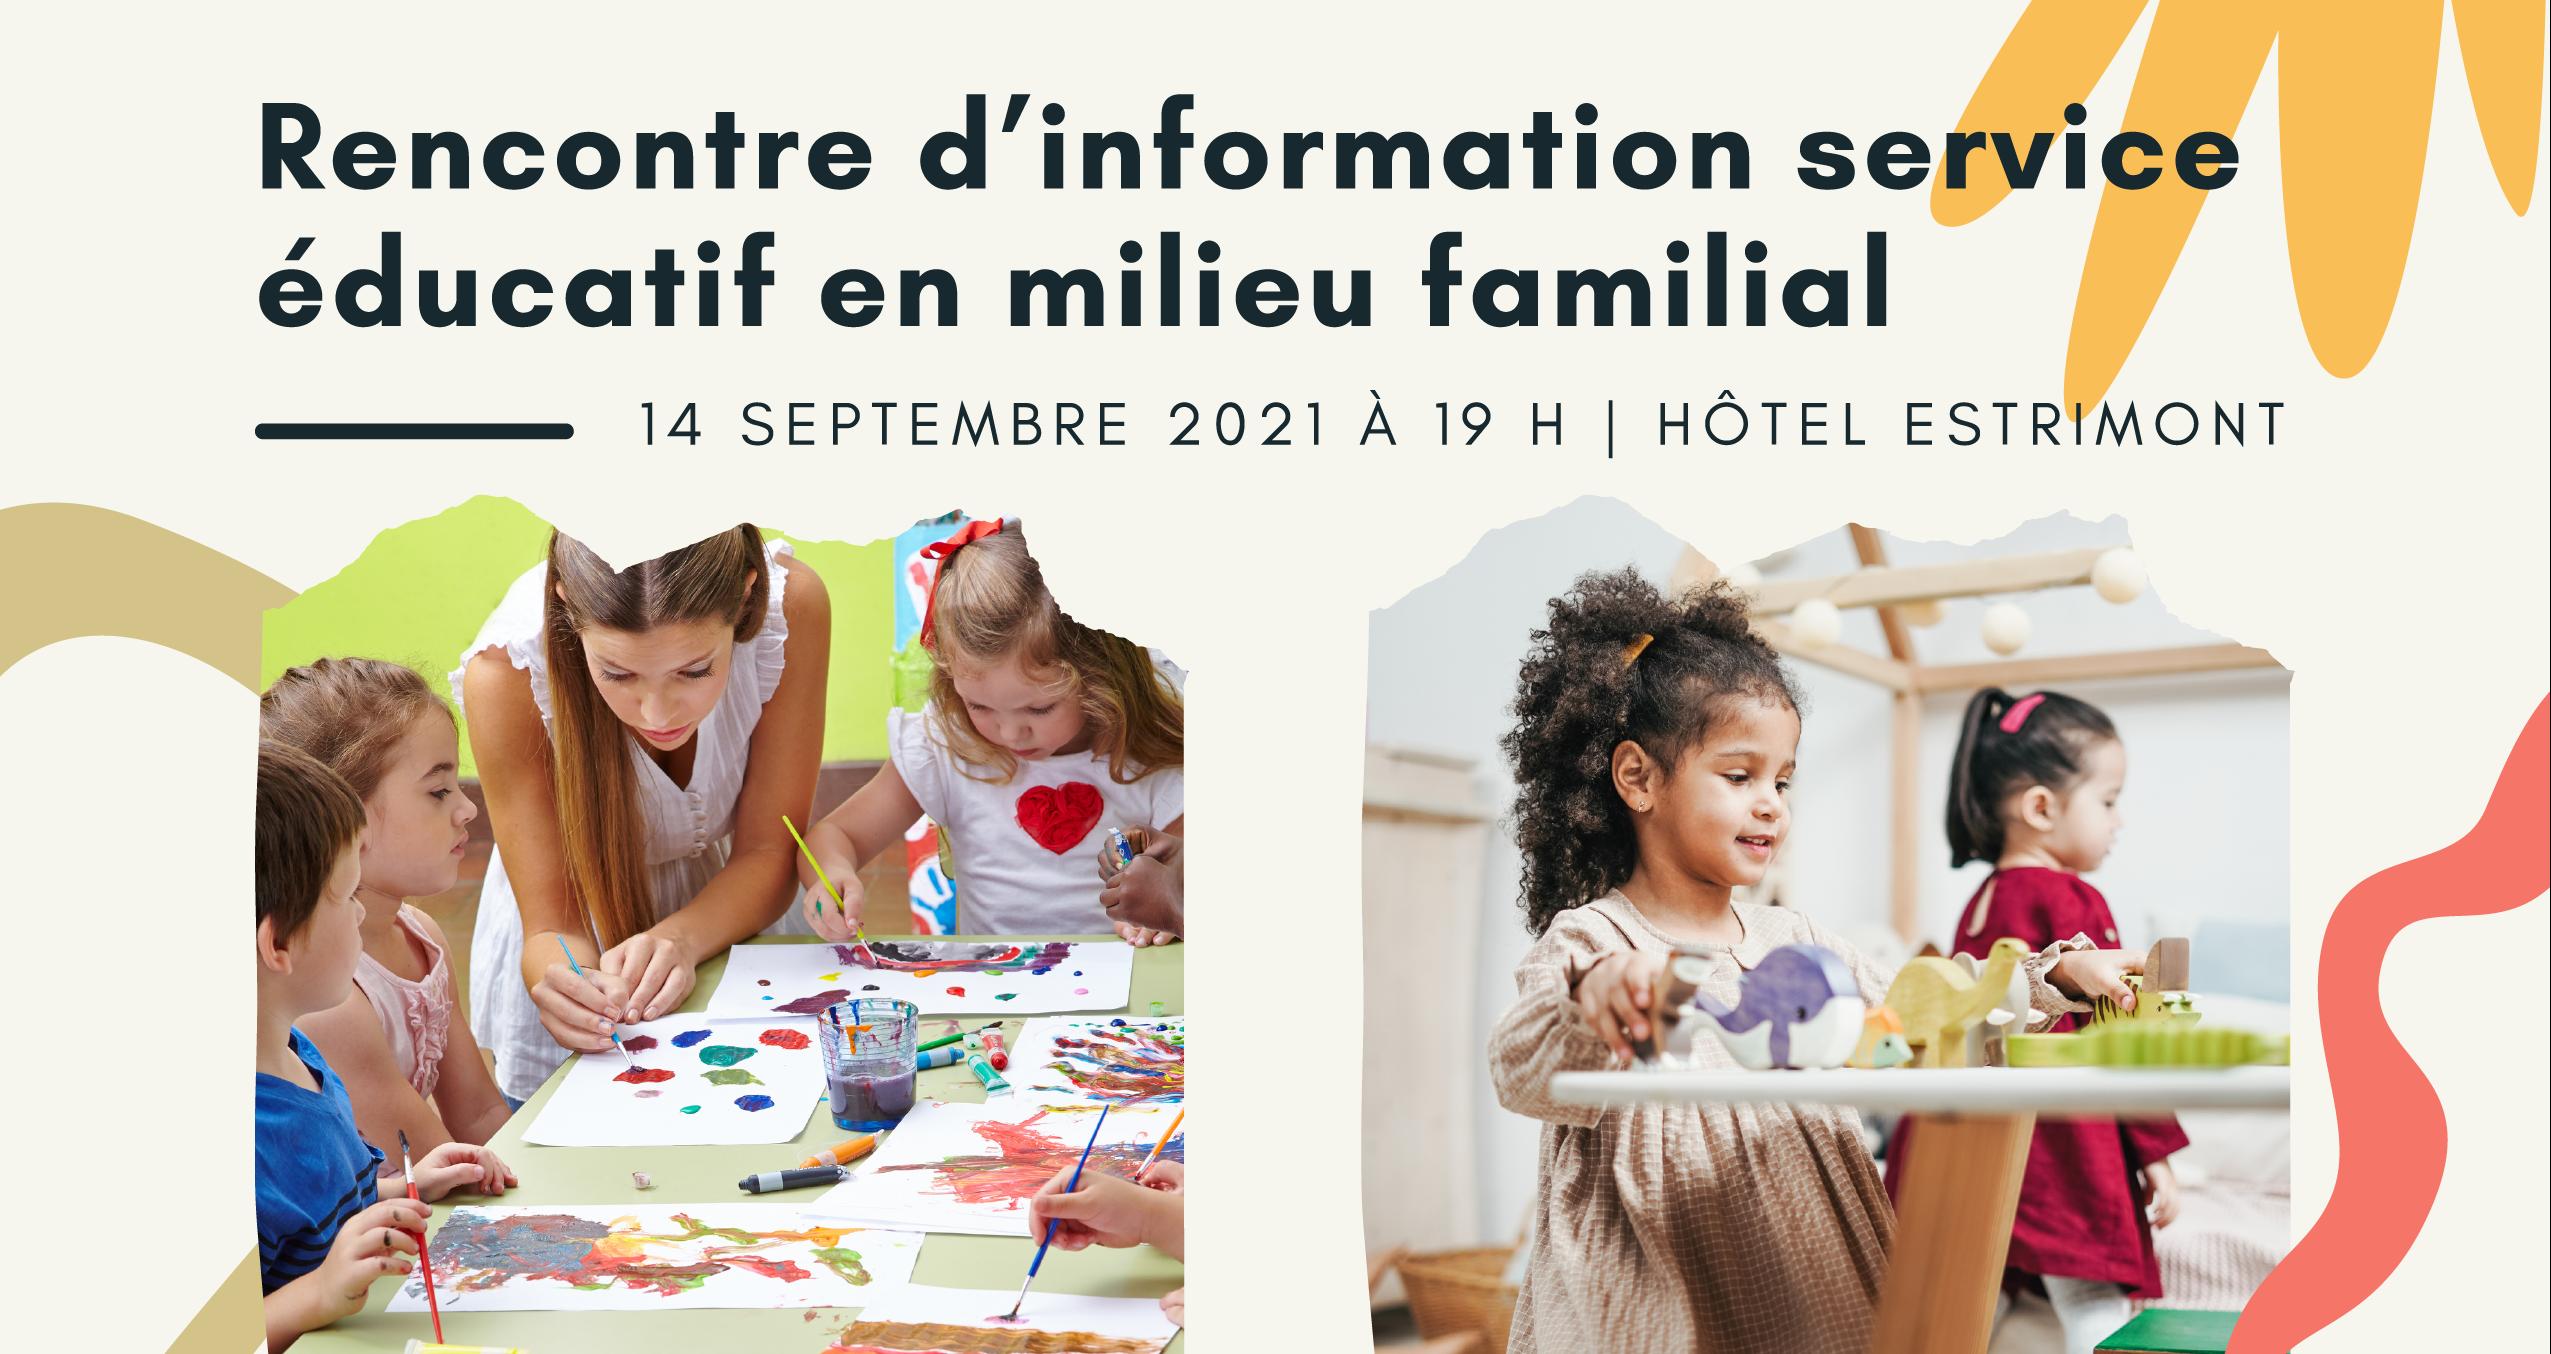 Rencontre d'information service éducatif en milieu familial